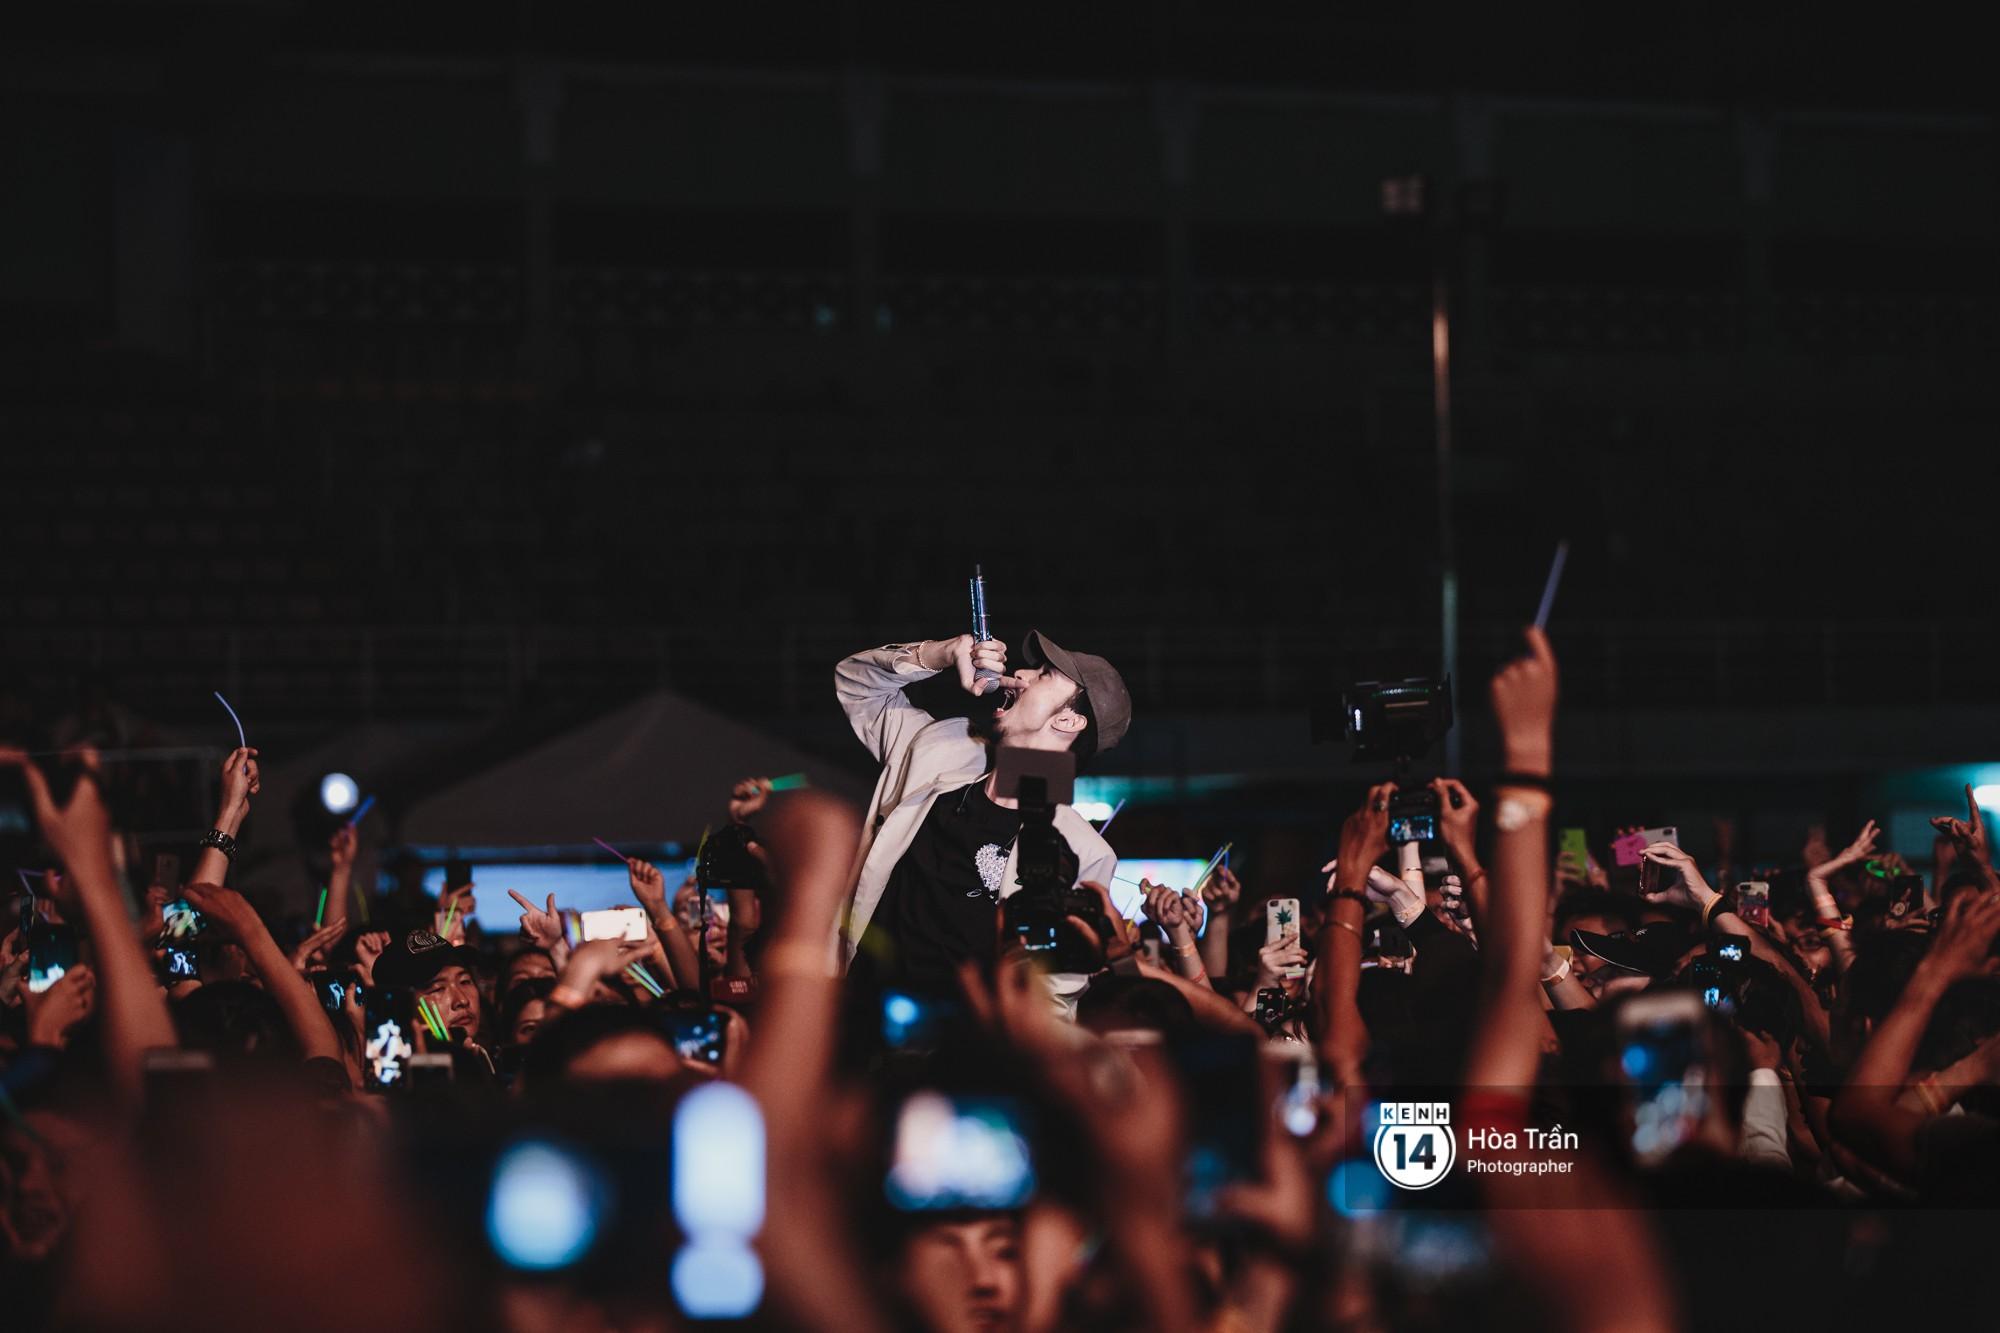 Đen Vâu, Vũ, Ngọt Band cũng loạt nghệ sỹ Indie đình đám khiến Sài Gòn tăng nhiệt tại Thơm Music Festival - Ảnh 6.